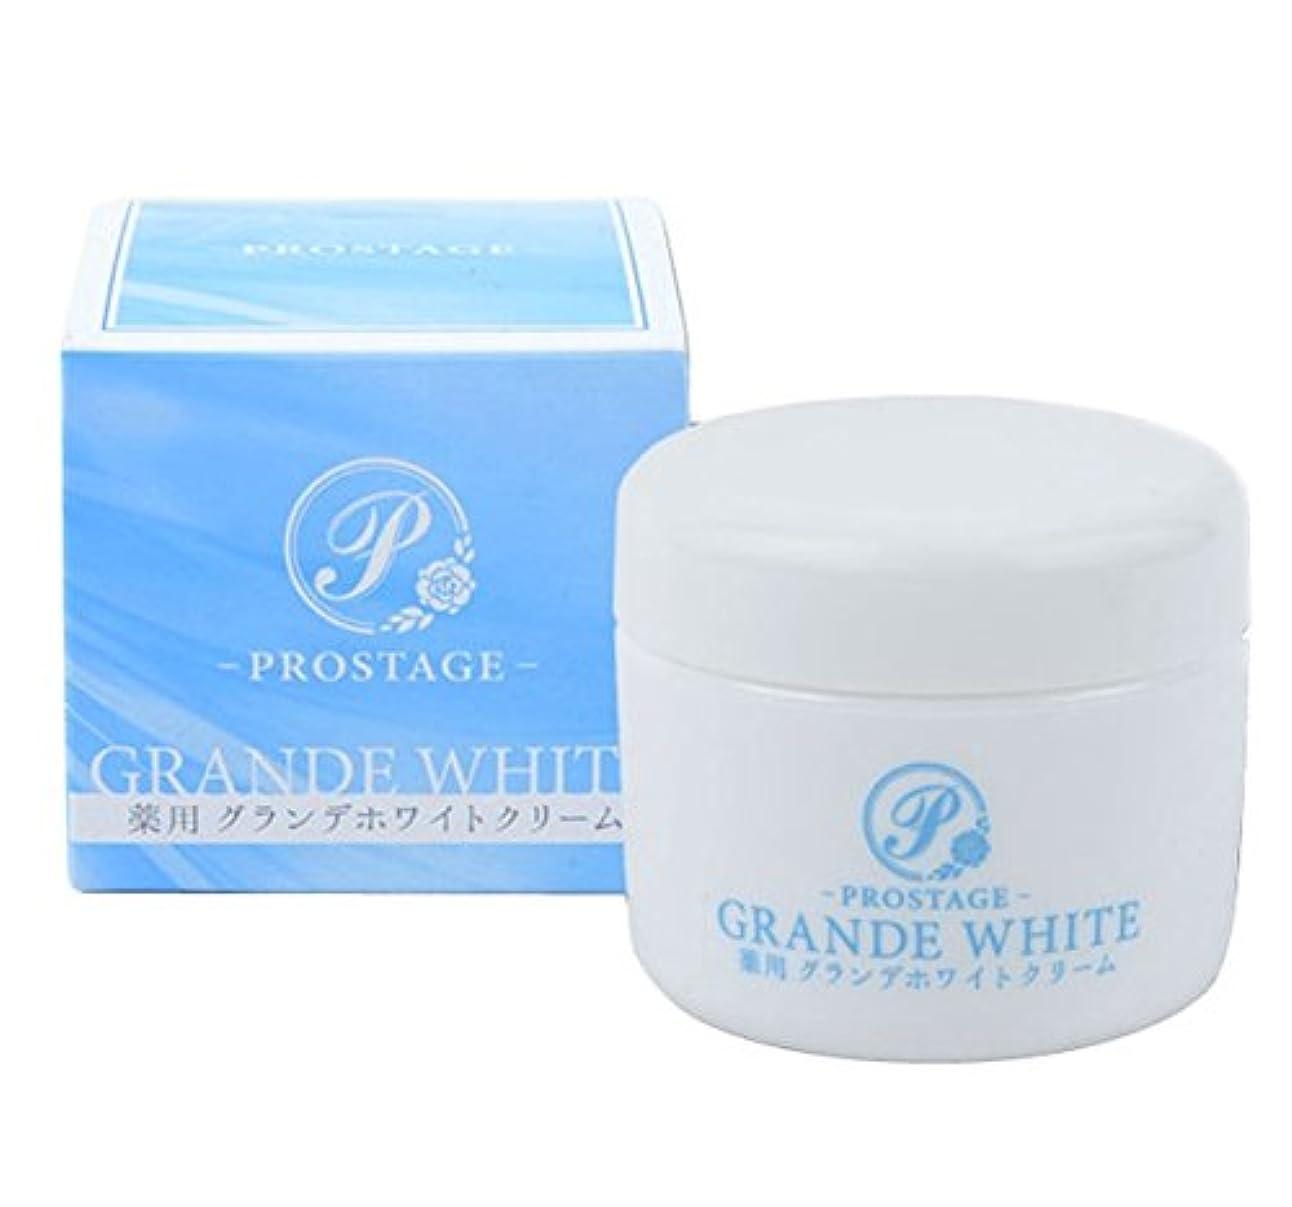 正当化する回転させるシロクマ薬用グランデホワイトクリーム PROSTAGE ホワイトニングクリーム 大容量80g (2個)